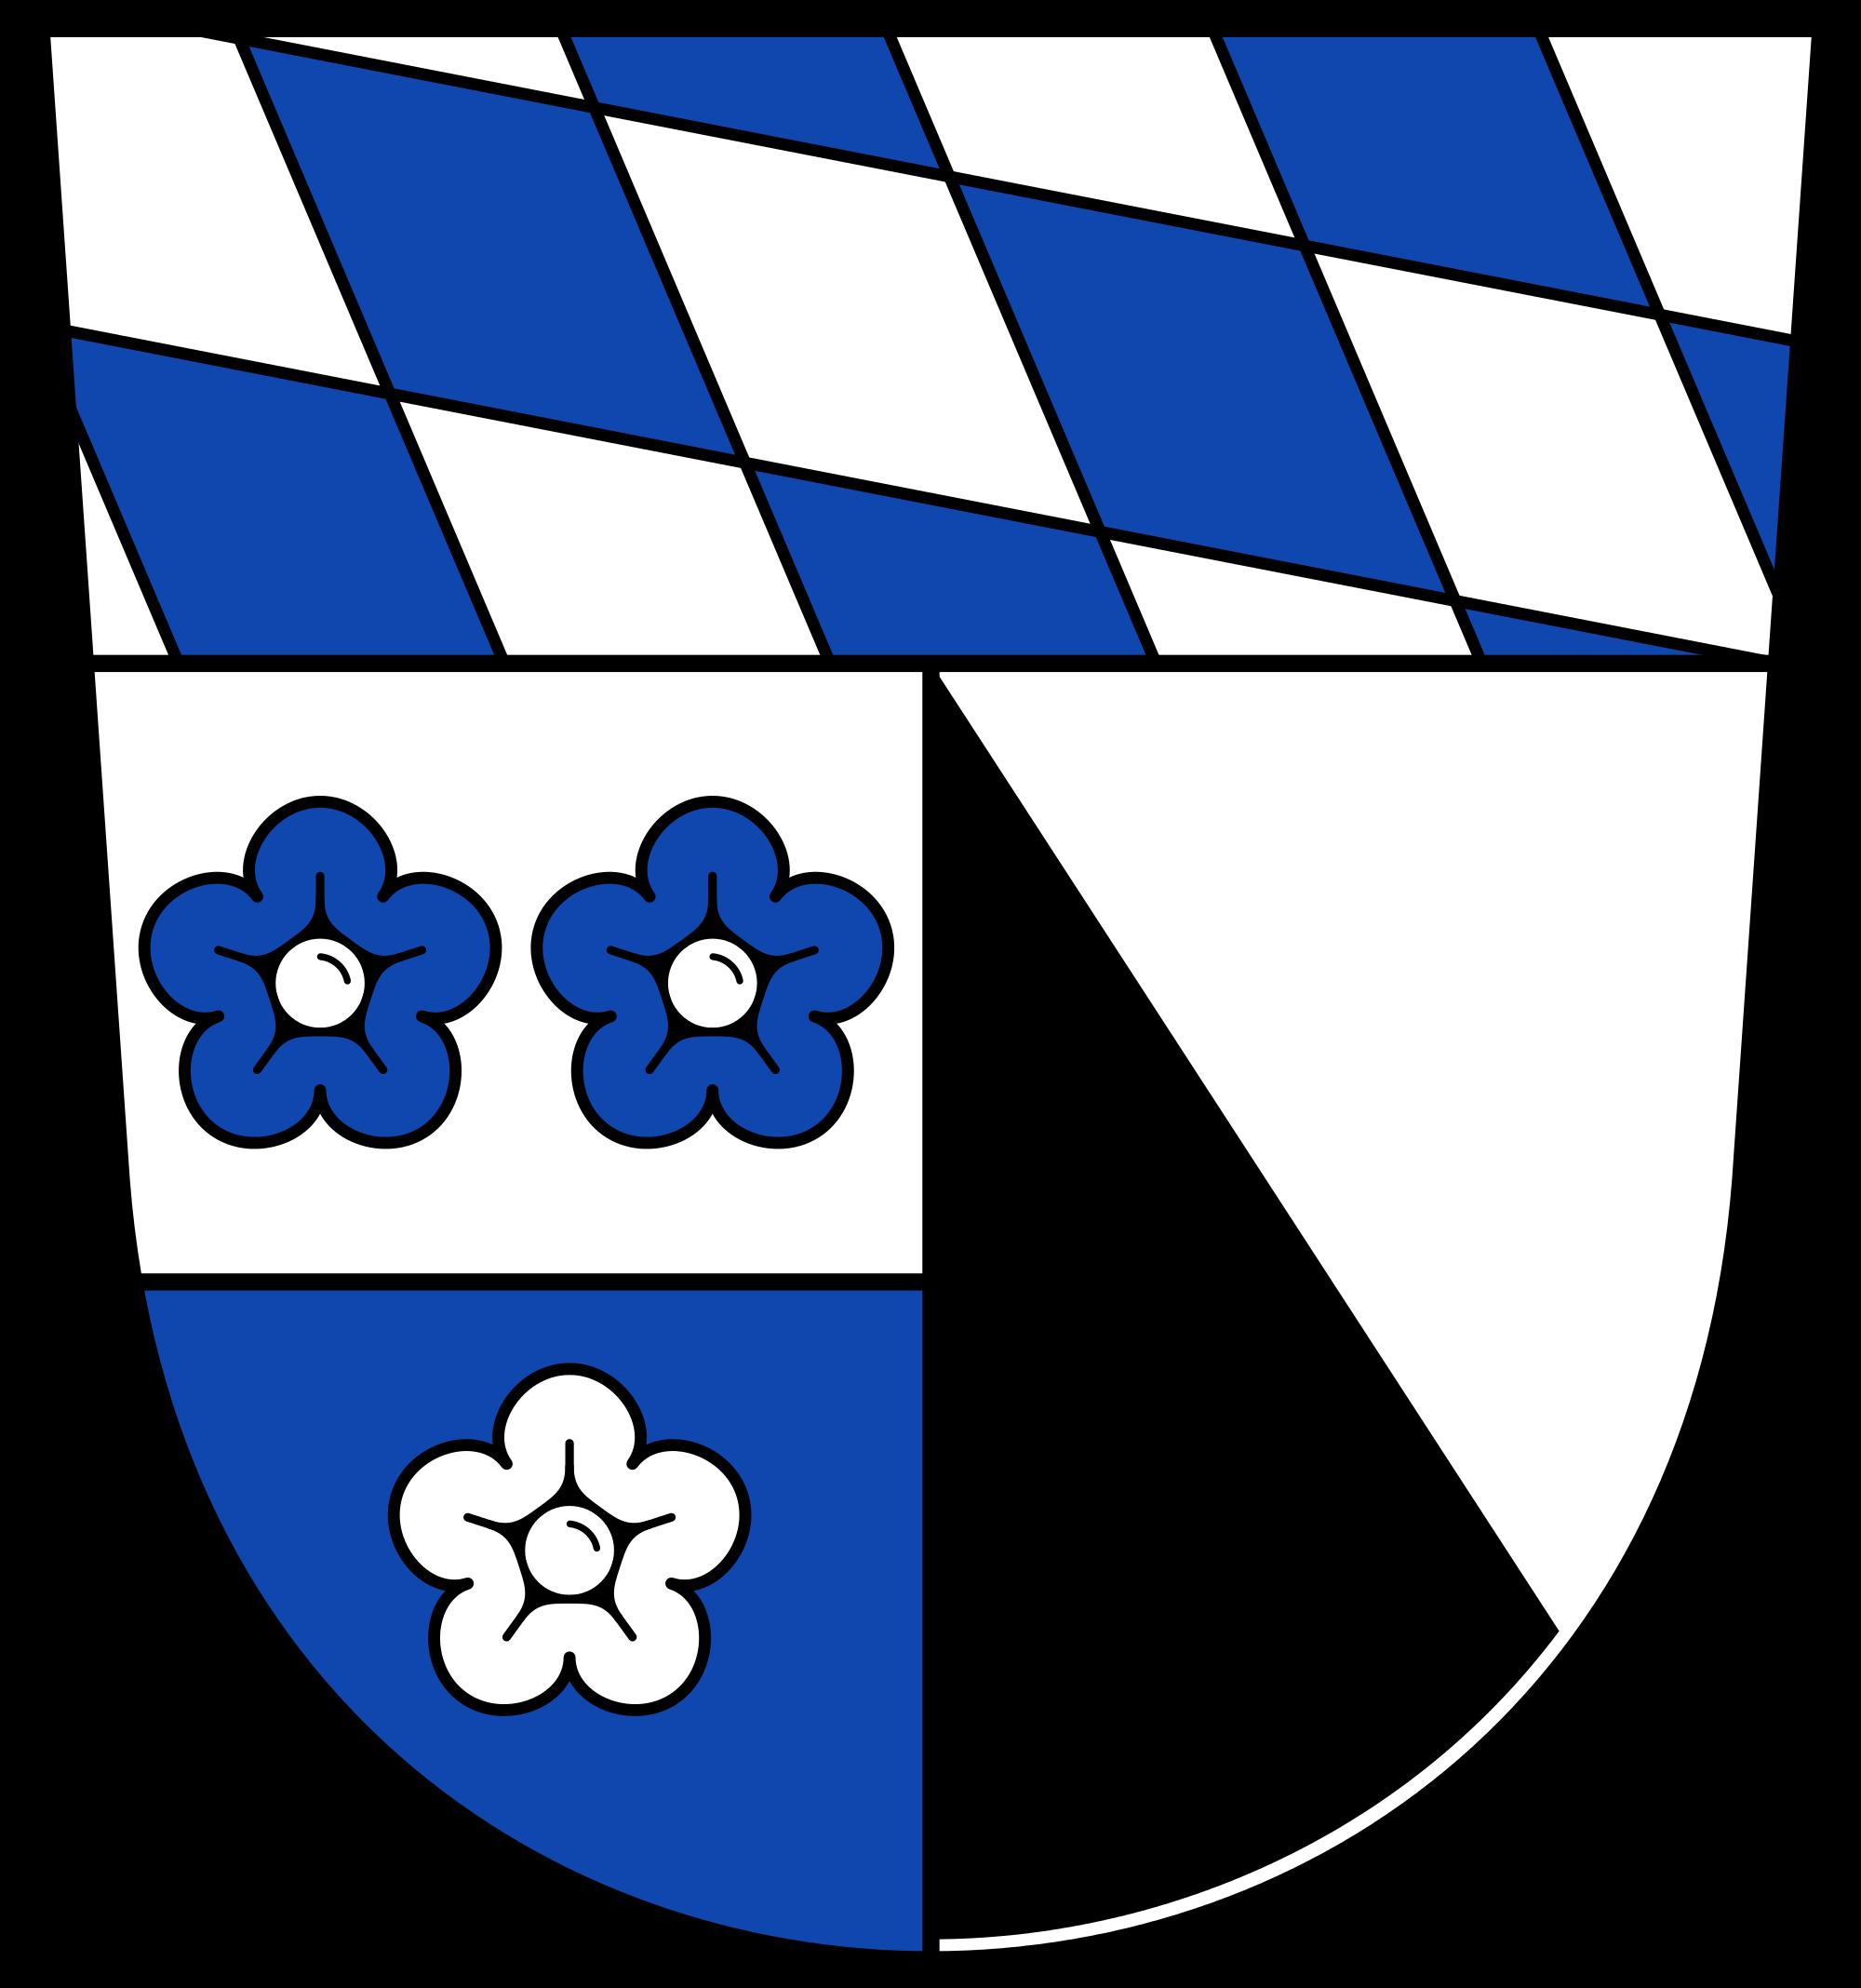 File:Wappen Landkreis Kelheim.svg.